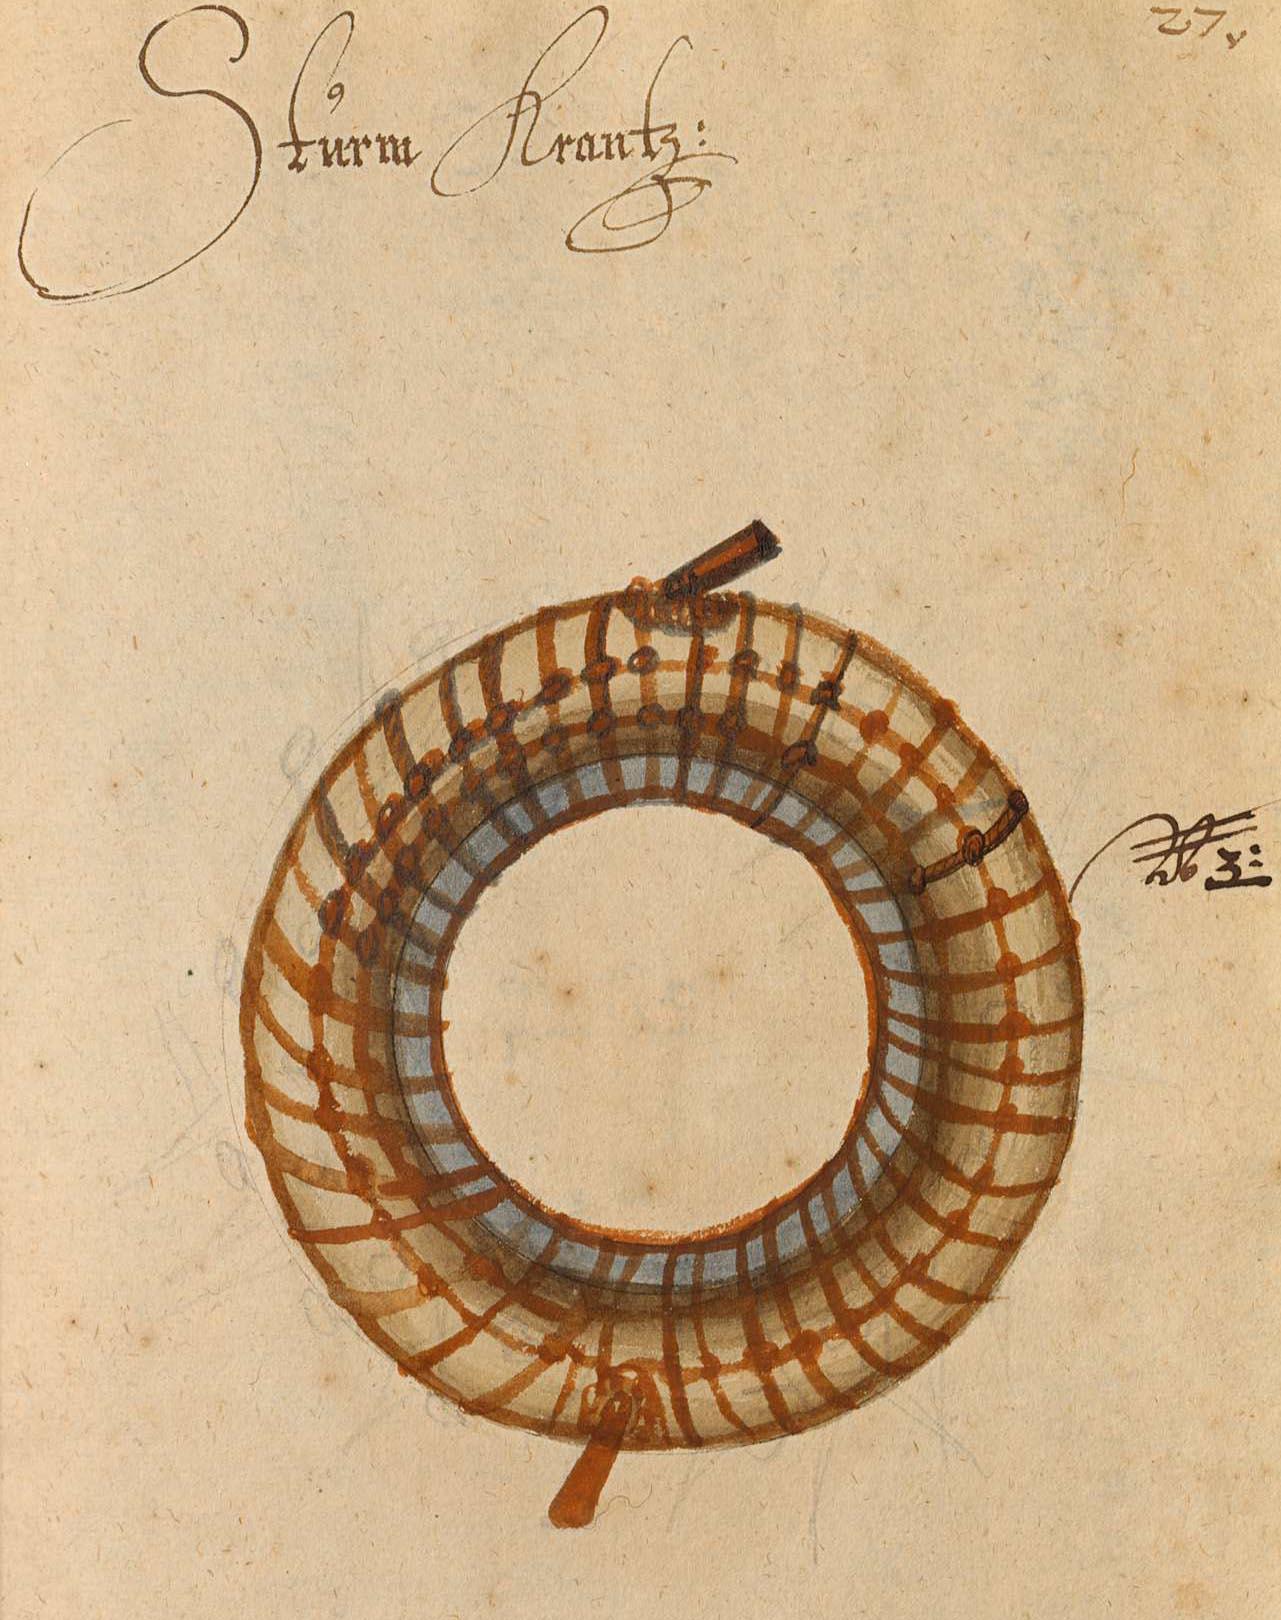 schirvatt_hans_georg_kunst-_und_artillerie-buch_1622.jpg